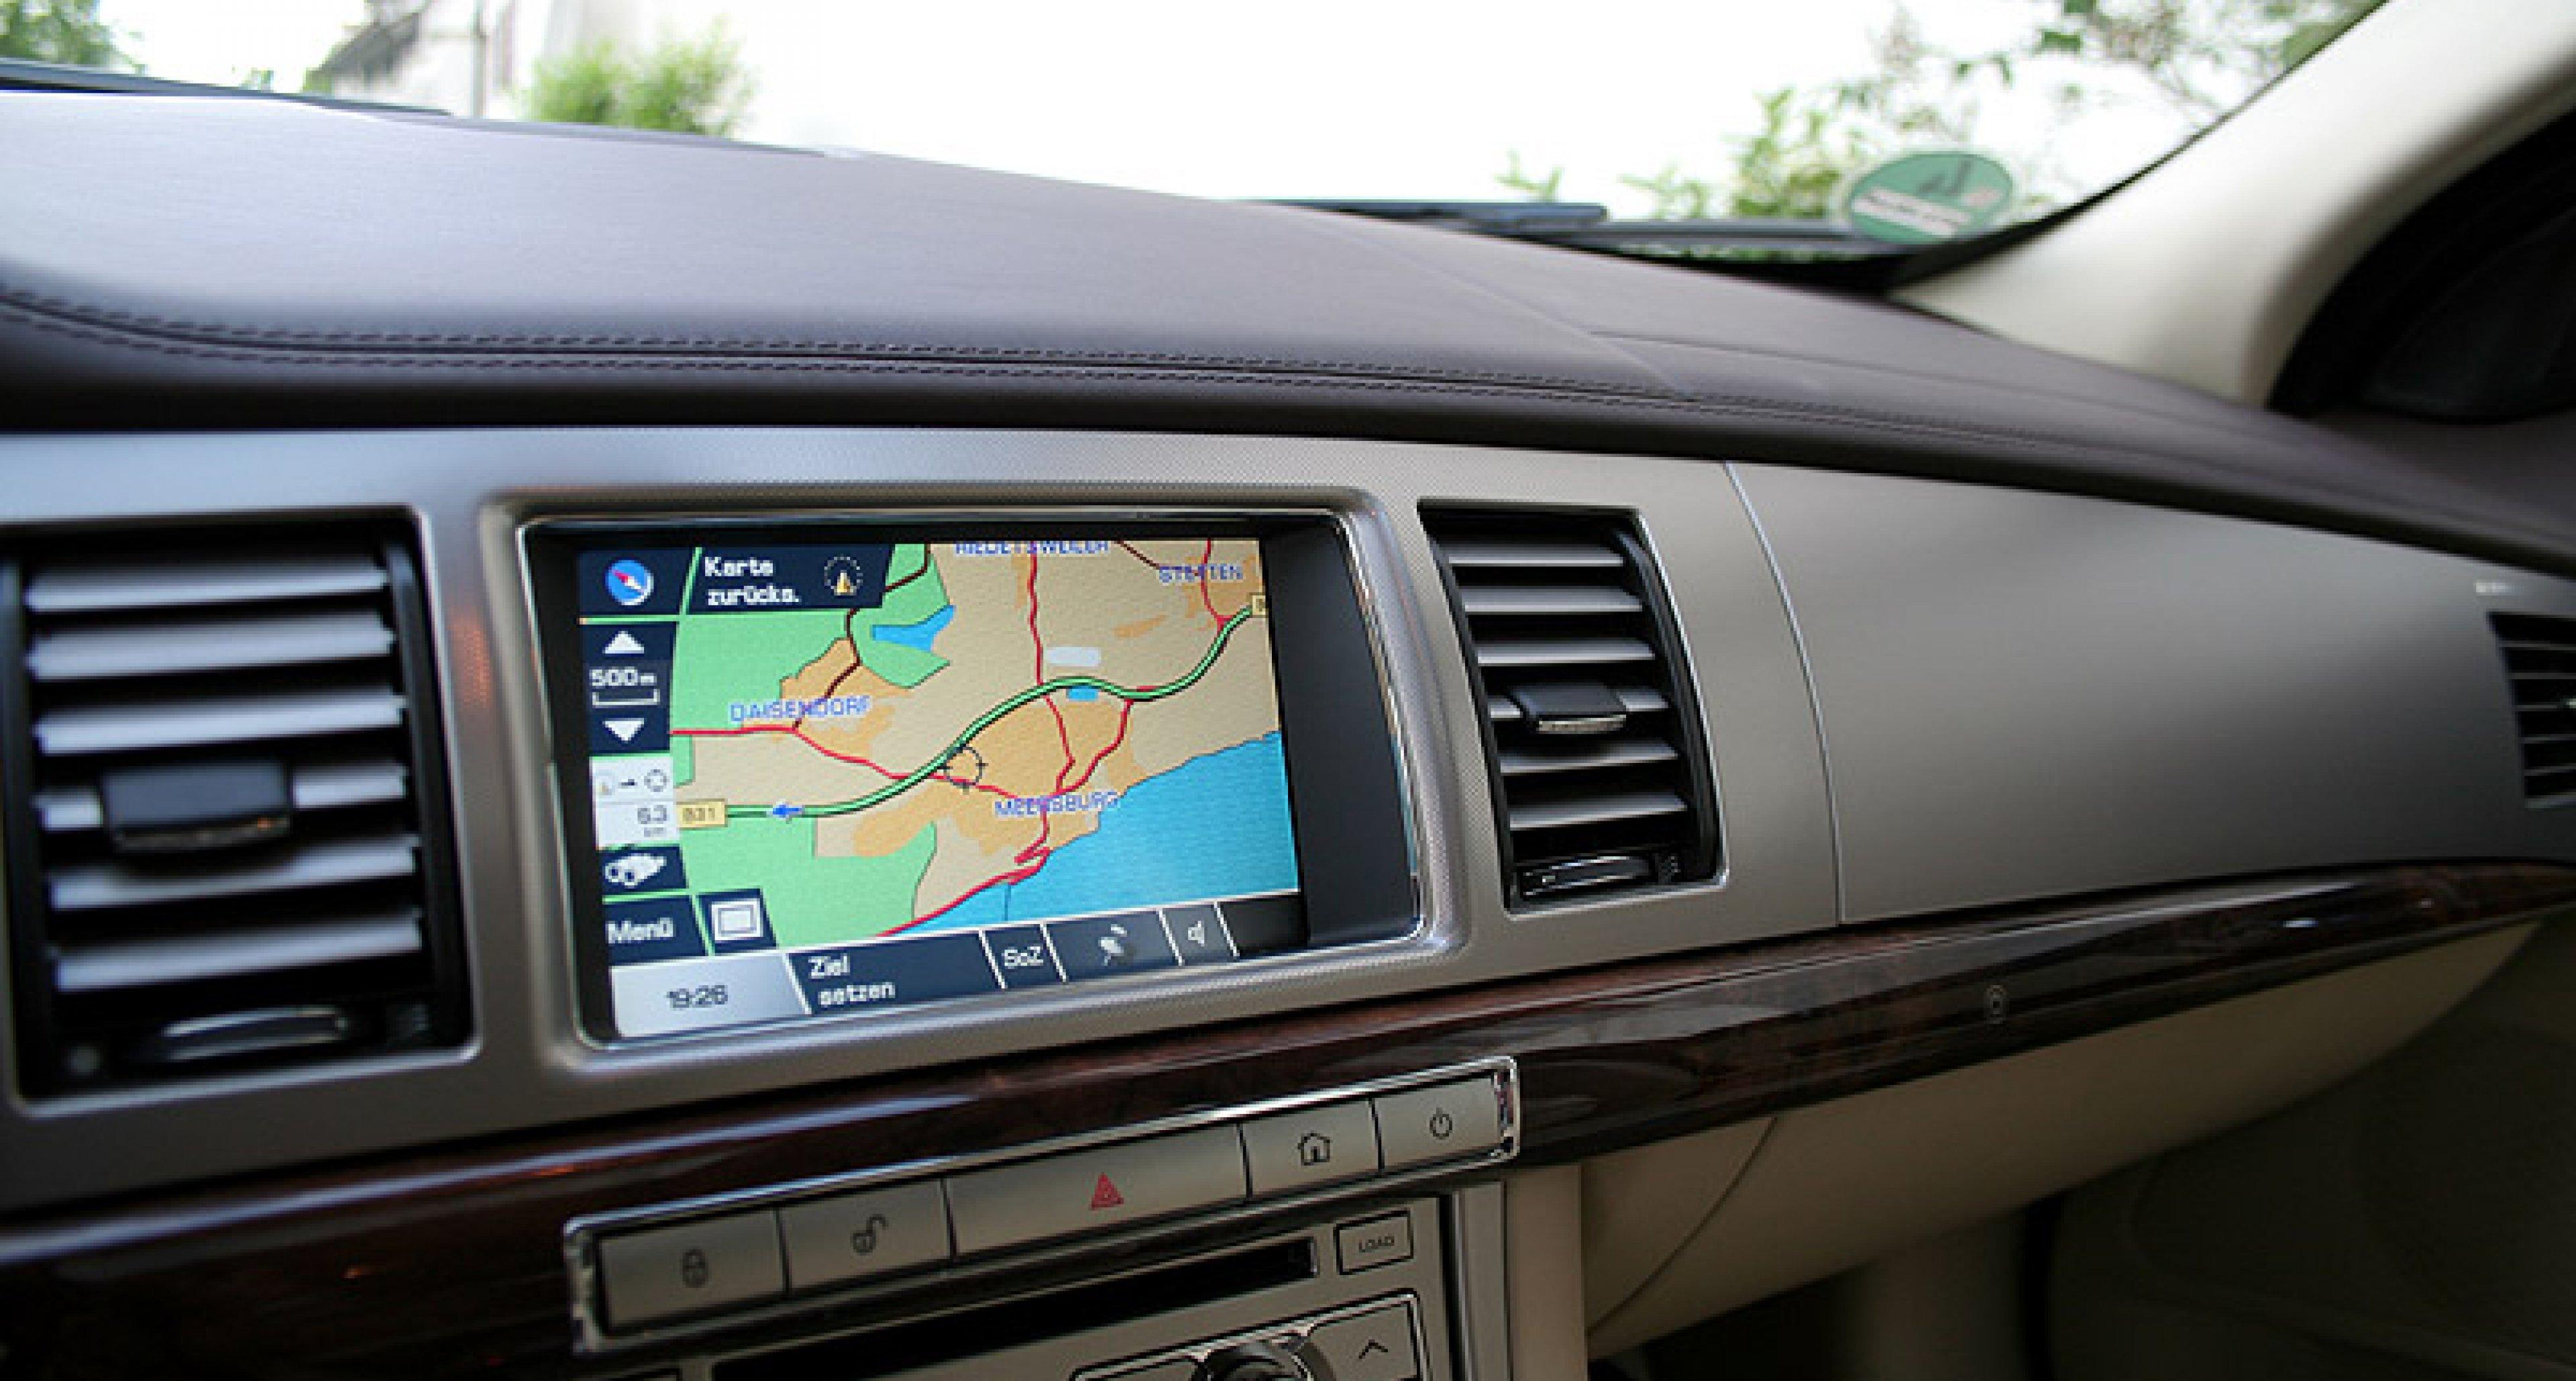 Jaguar XF 3.0 V6 Diesel: Business as unusual